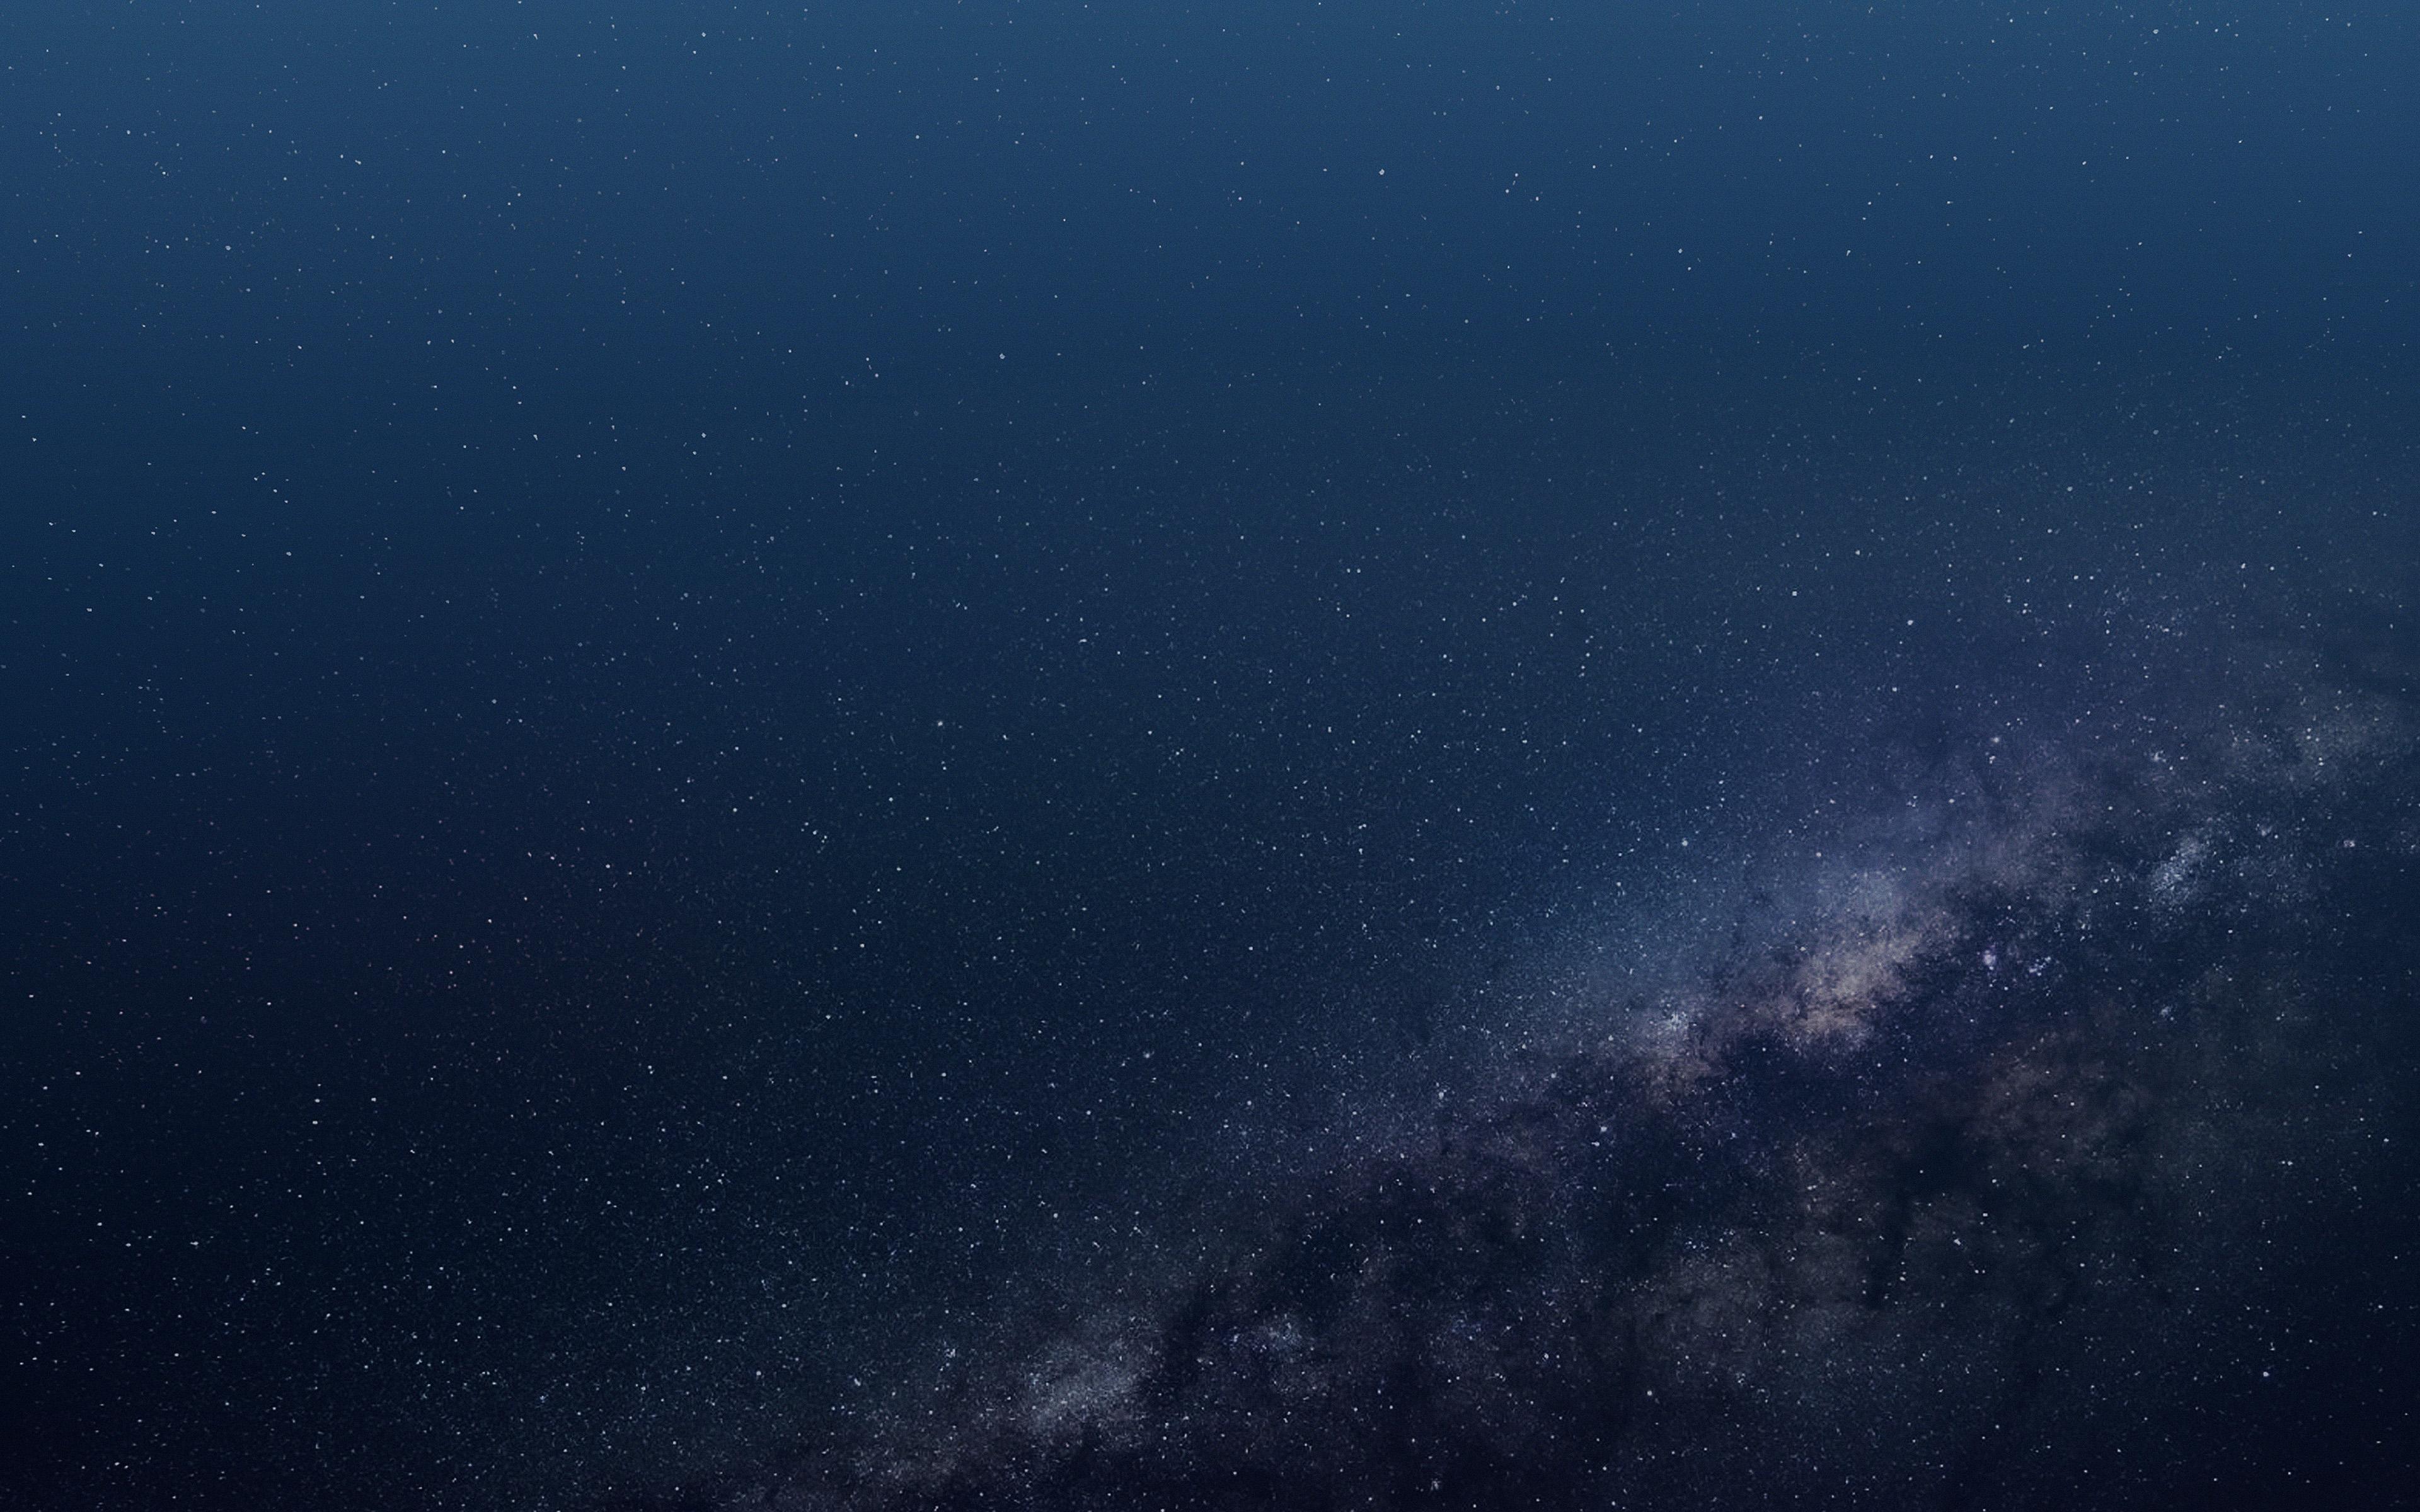 Vo56-space-blue-star-dark-pattern-wallpaper